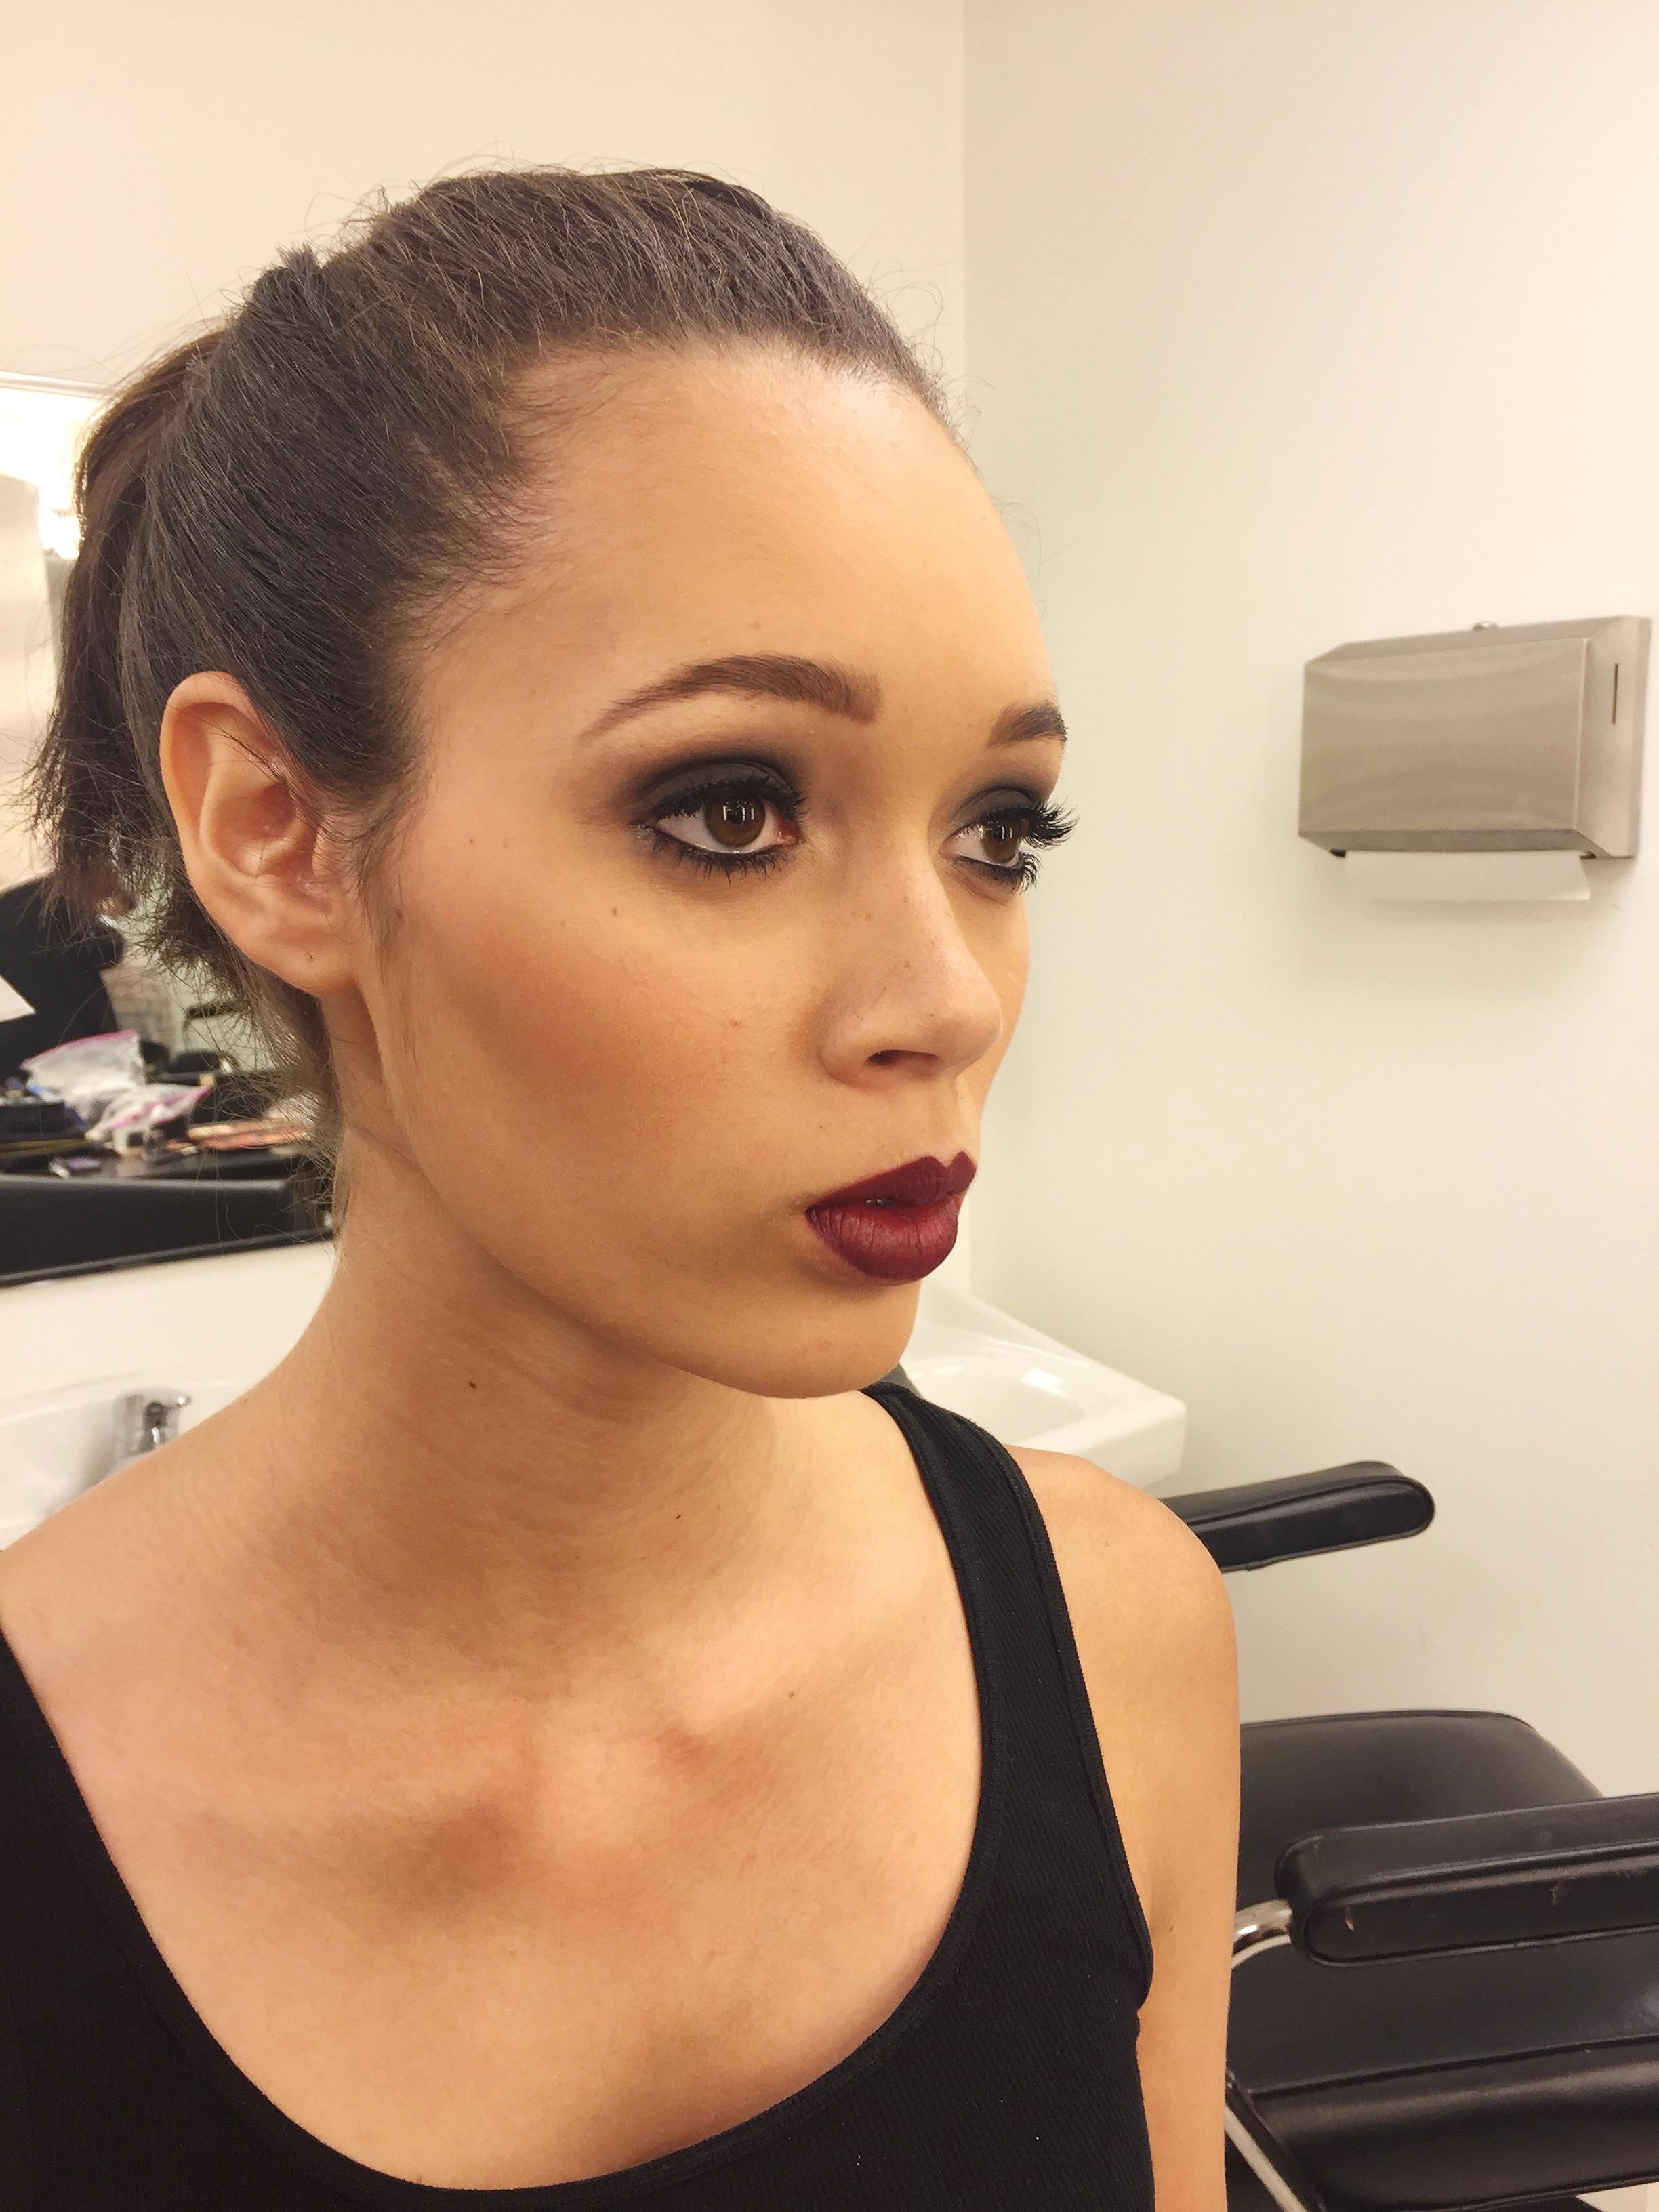 Doing makeup on beautiful faces